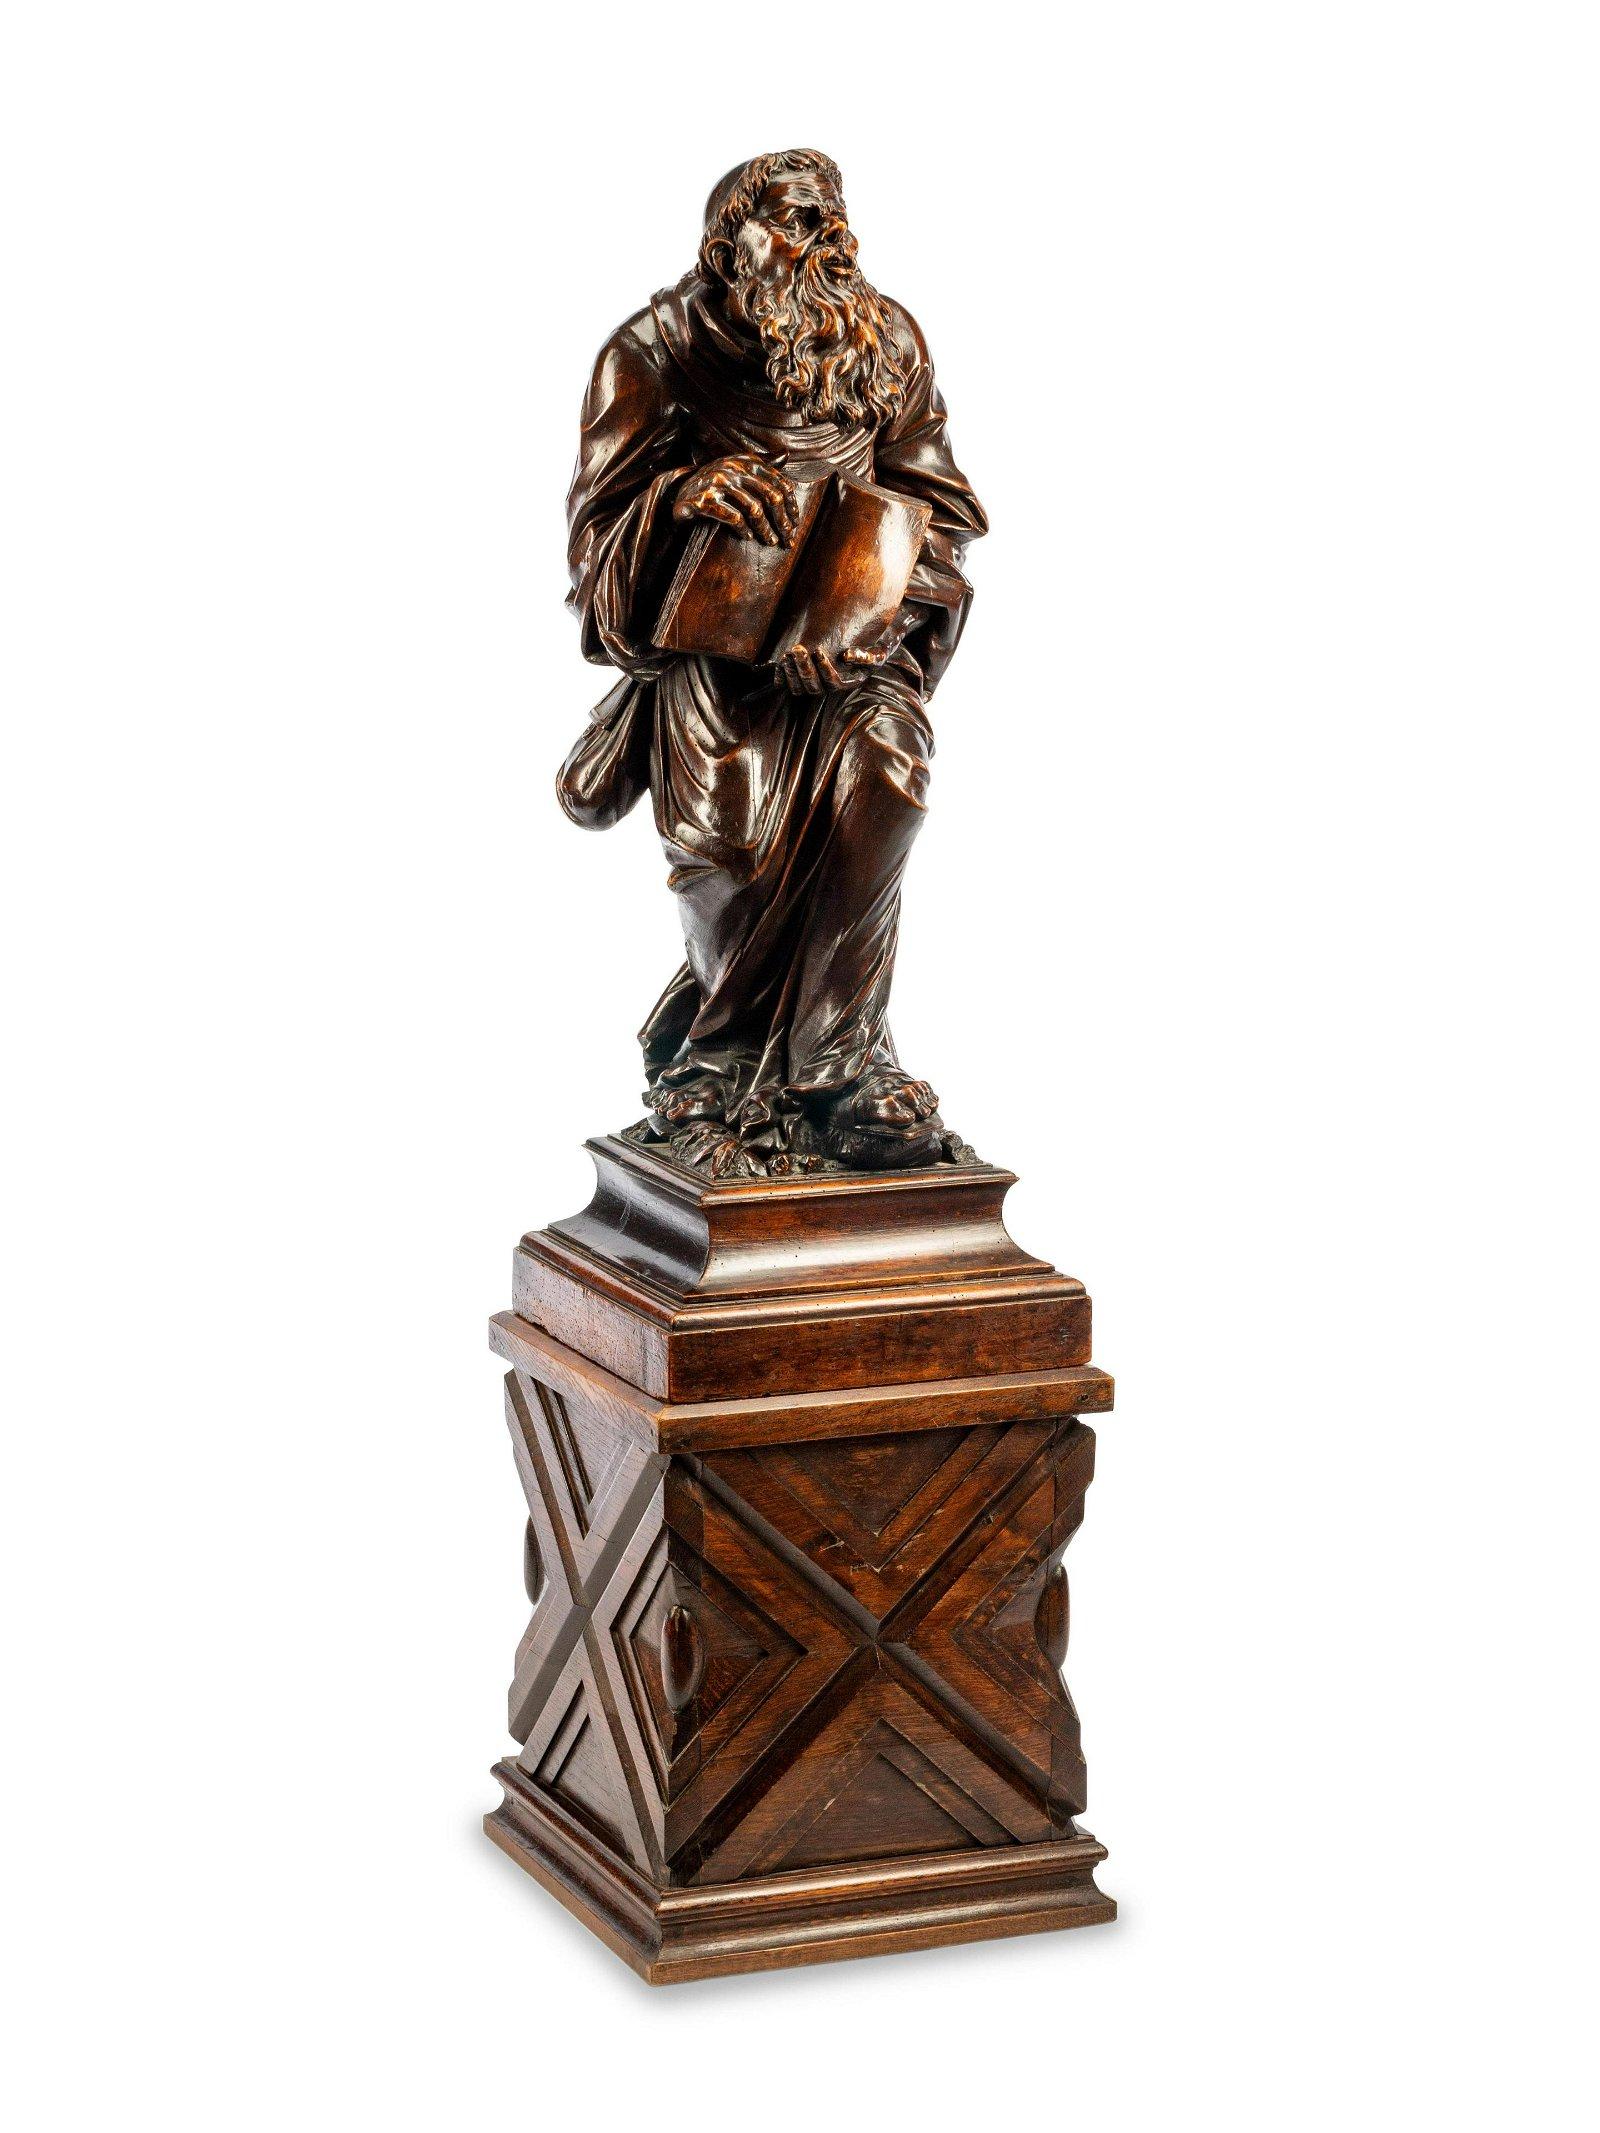 A Renaissance Revival Carved Wood Figure of a Saint